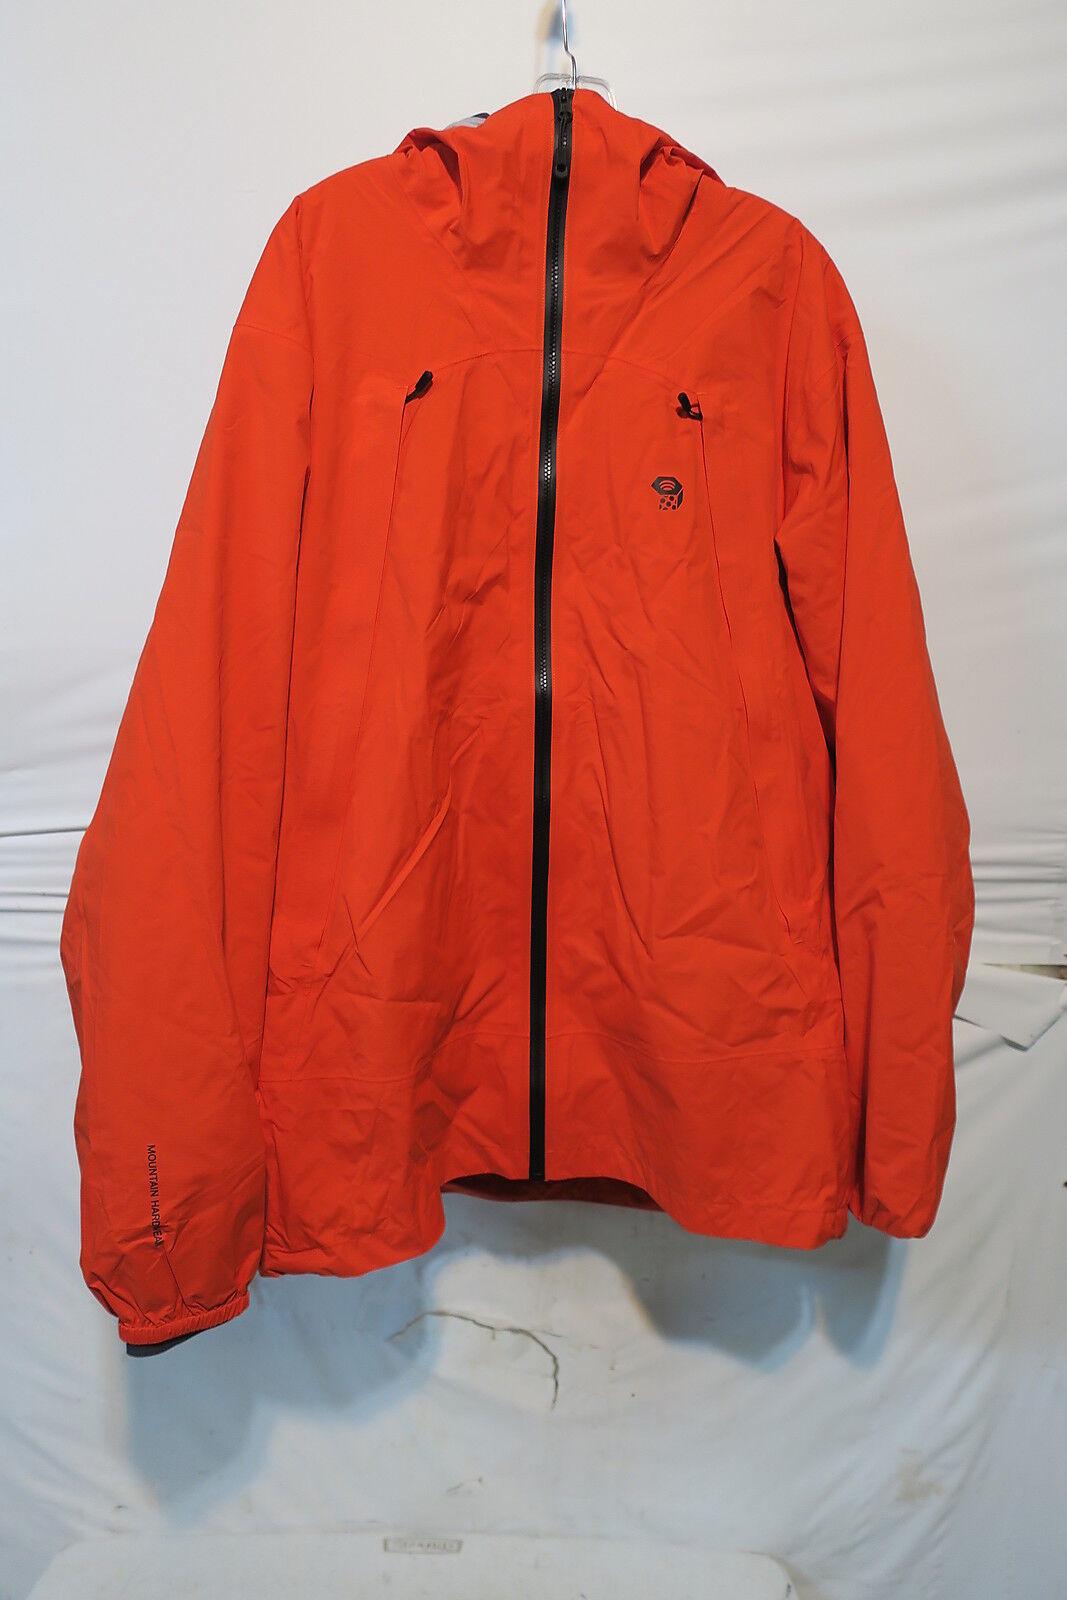 Mountain Hardwear Rouge 3-in-1 Composite Jasje --mannen's XL State oranje  449.95